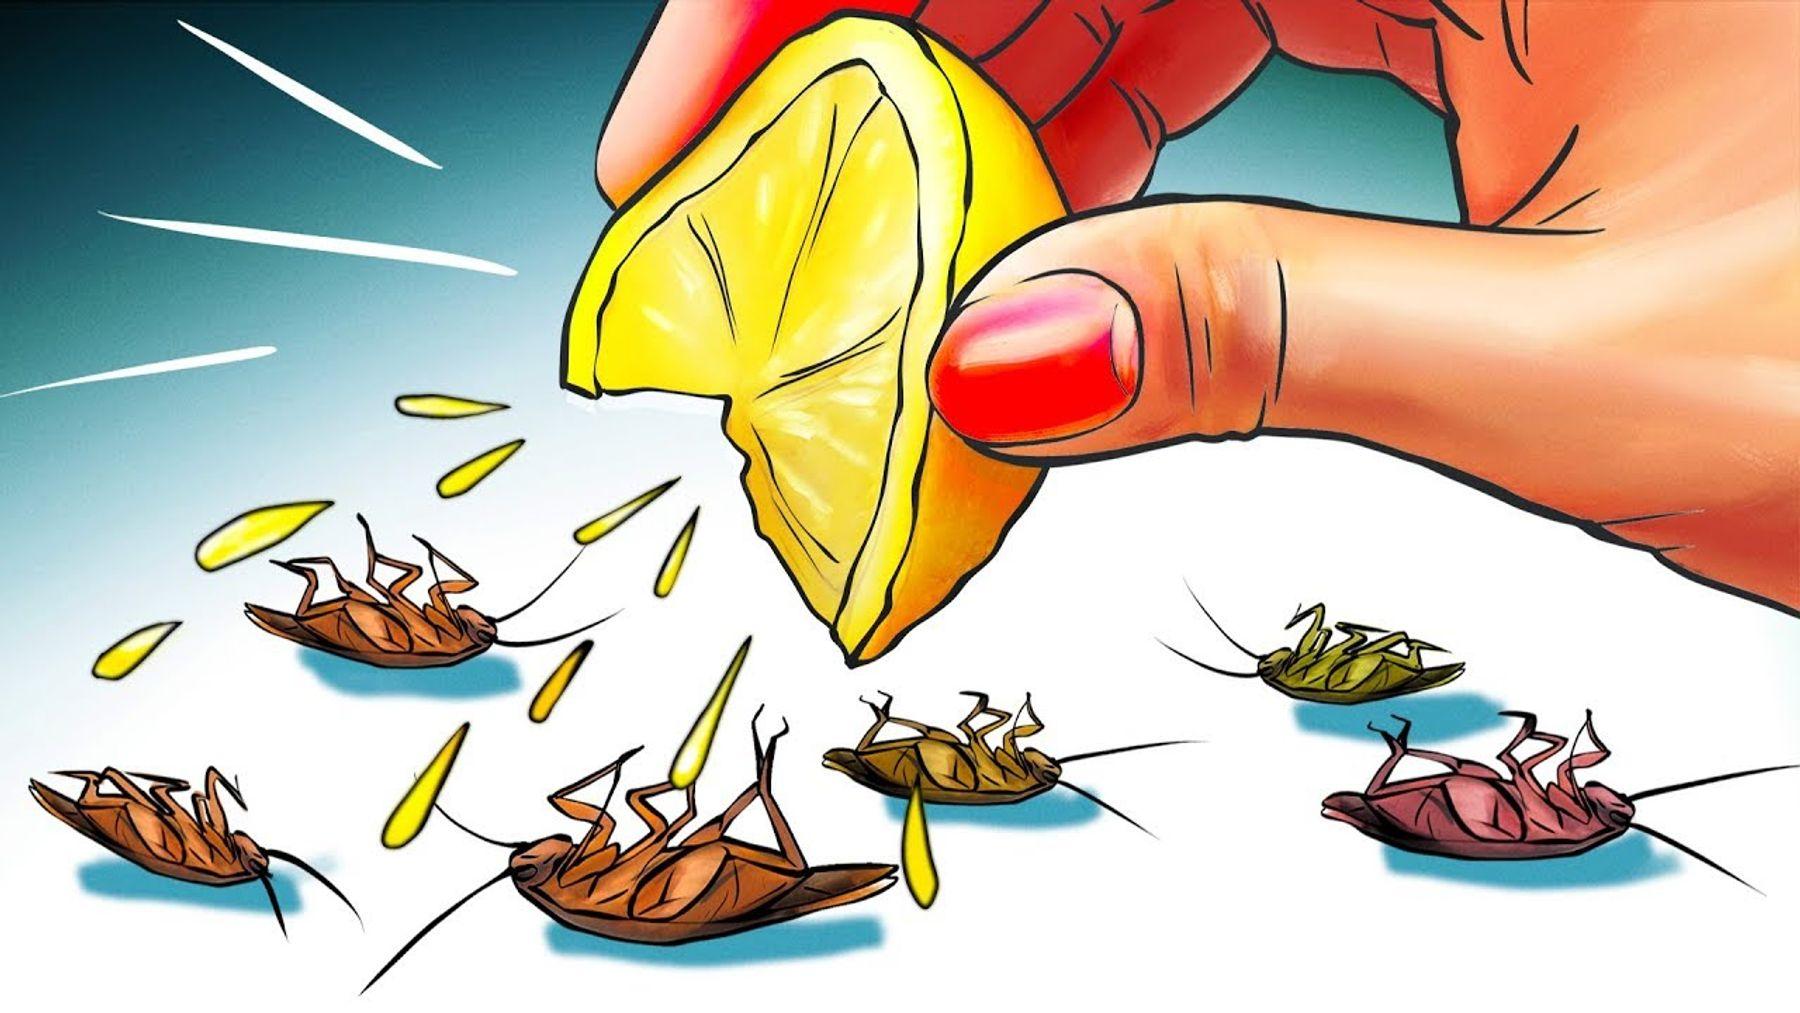 Cách diệt gián bằng vỏ chanh, cam có thể áp dụng ở mọi ngóc ngách trong nhà | Cleanipedia